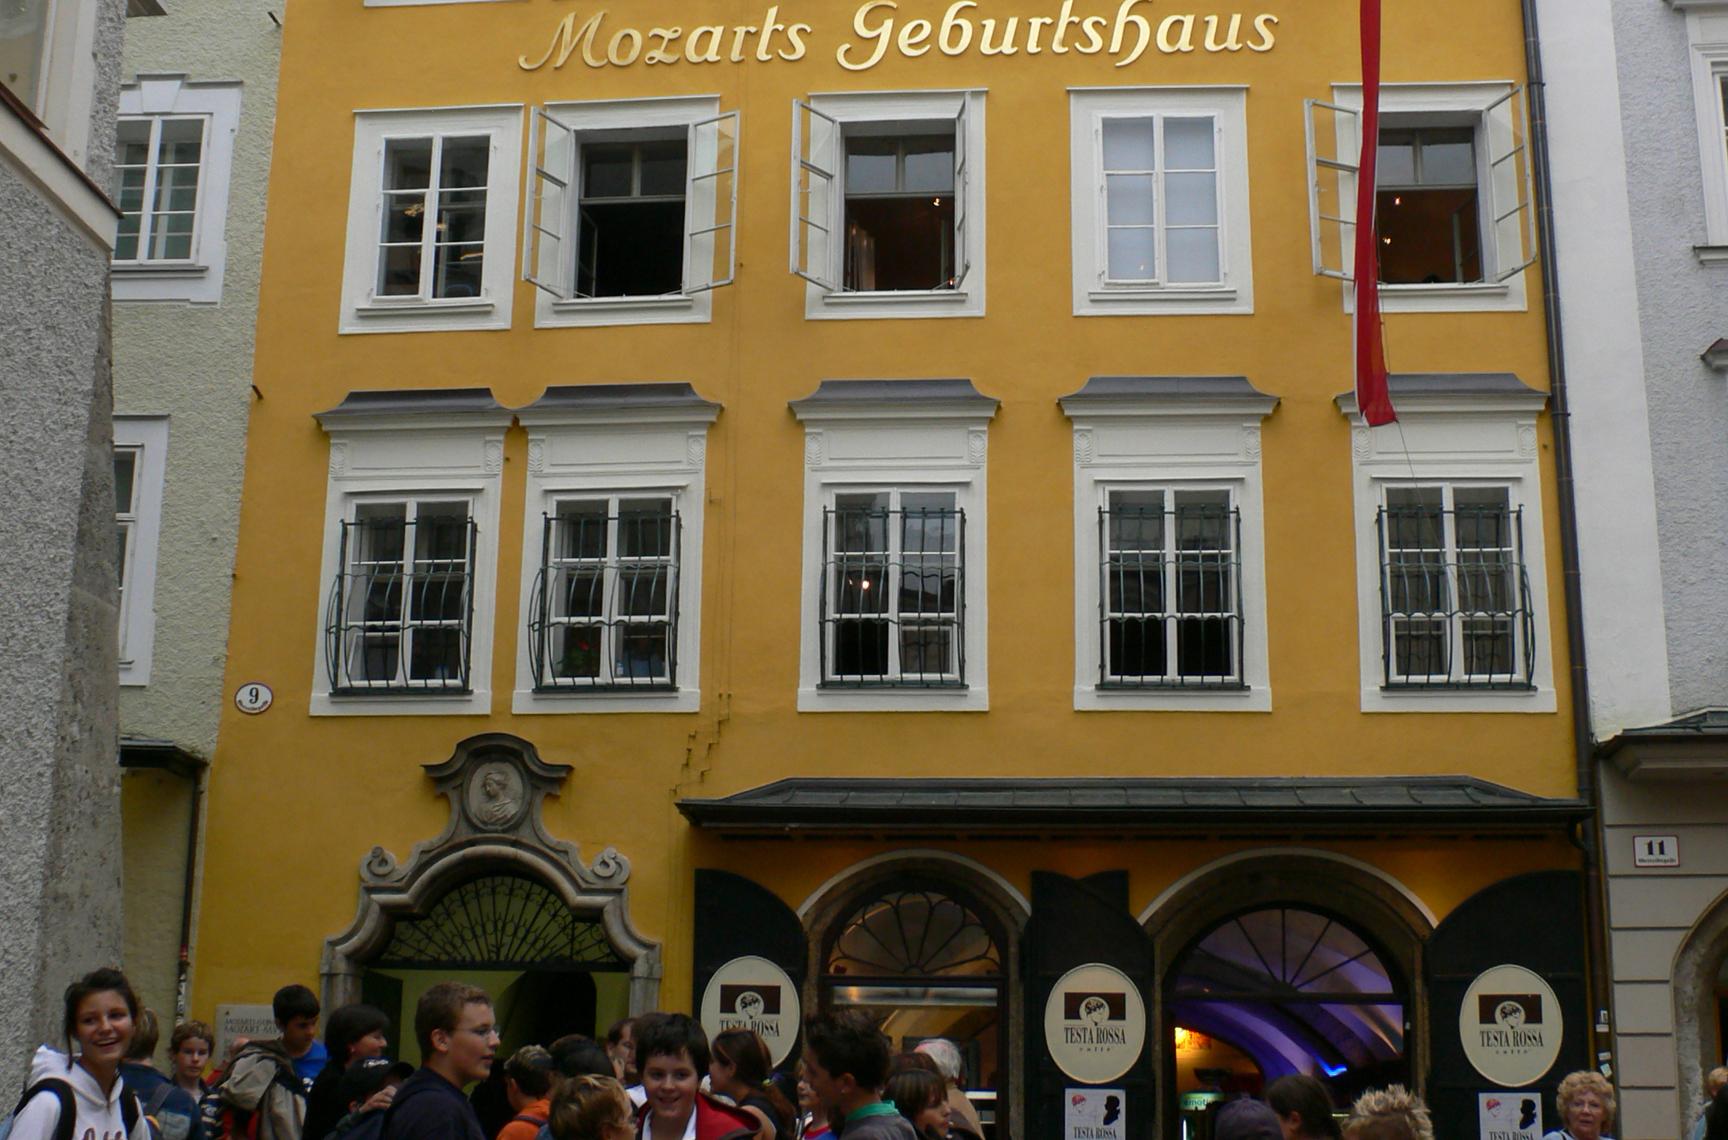 莫扎特萨尔斯堡的出生地